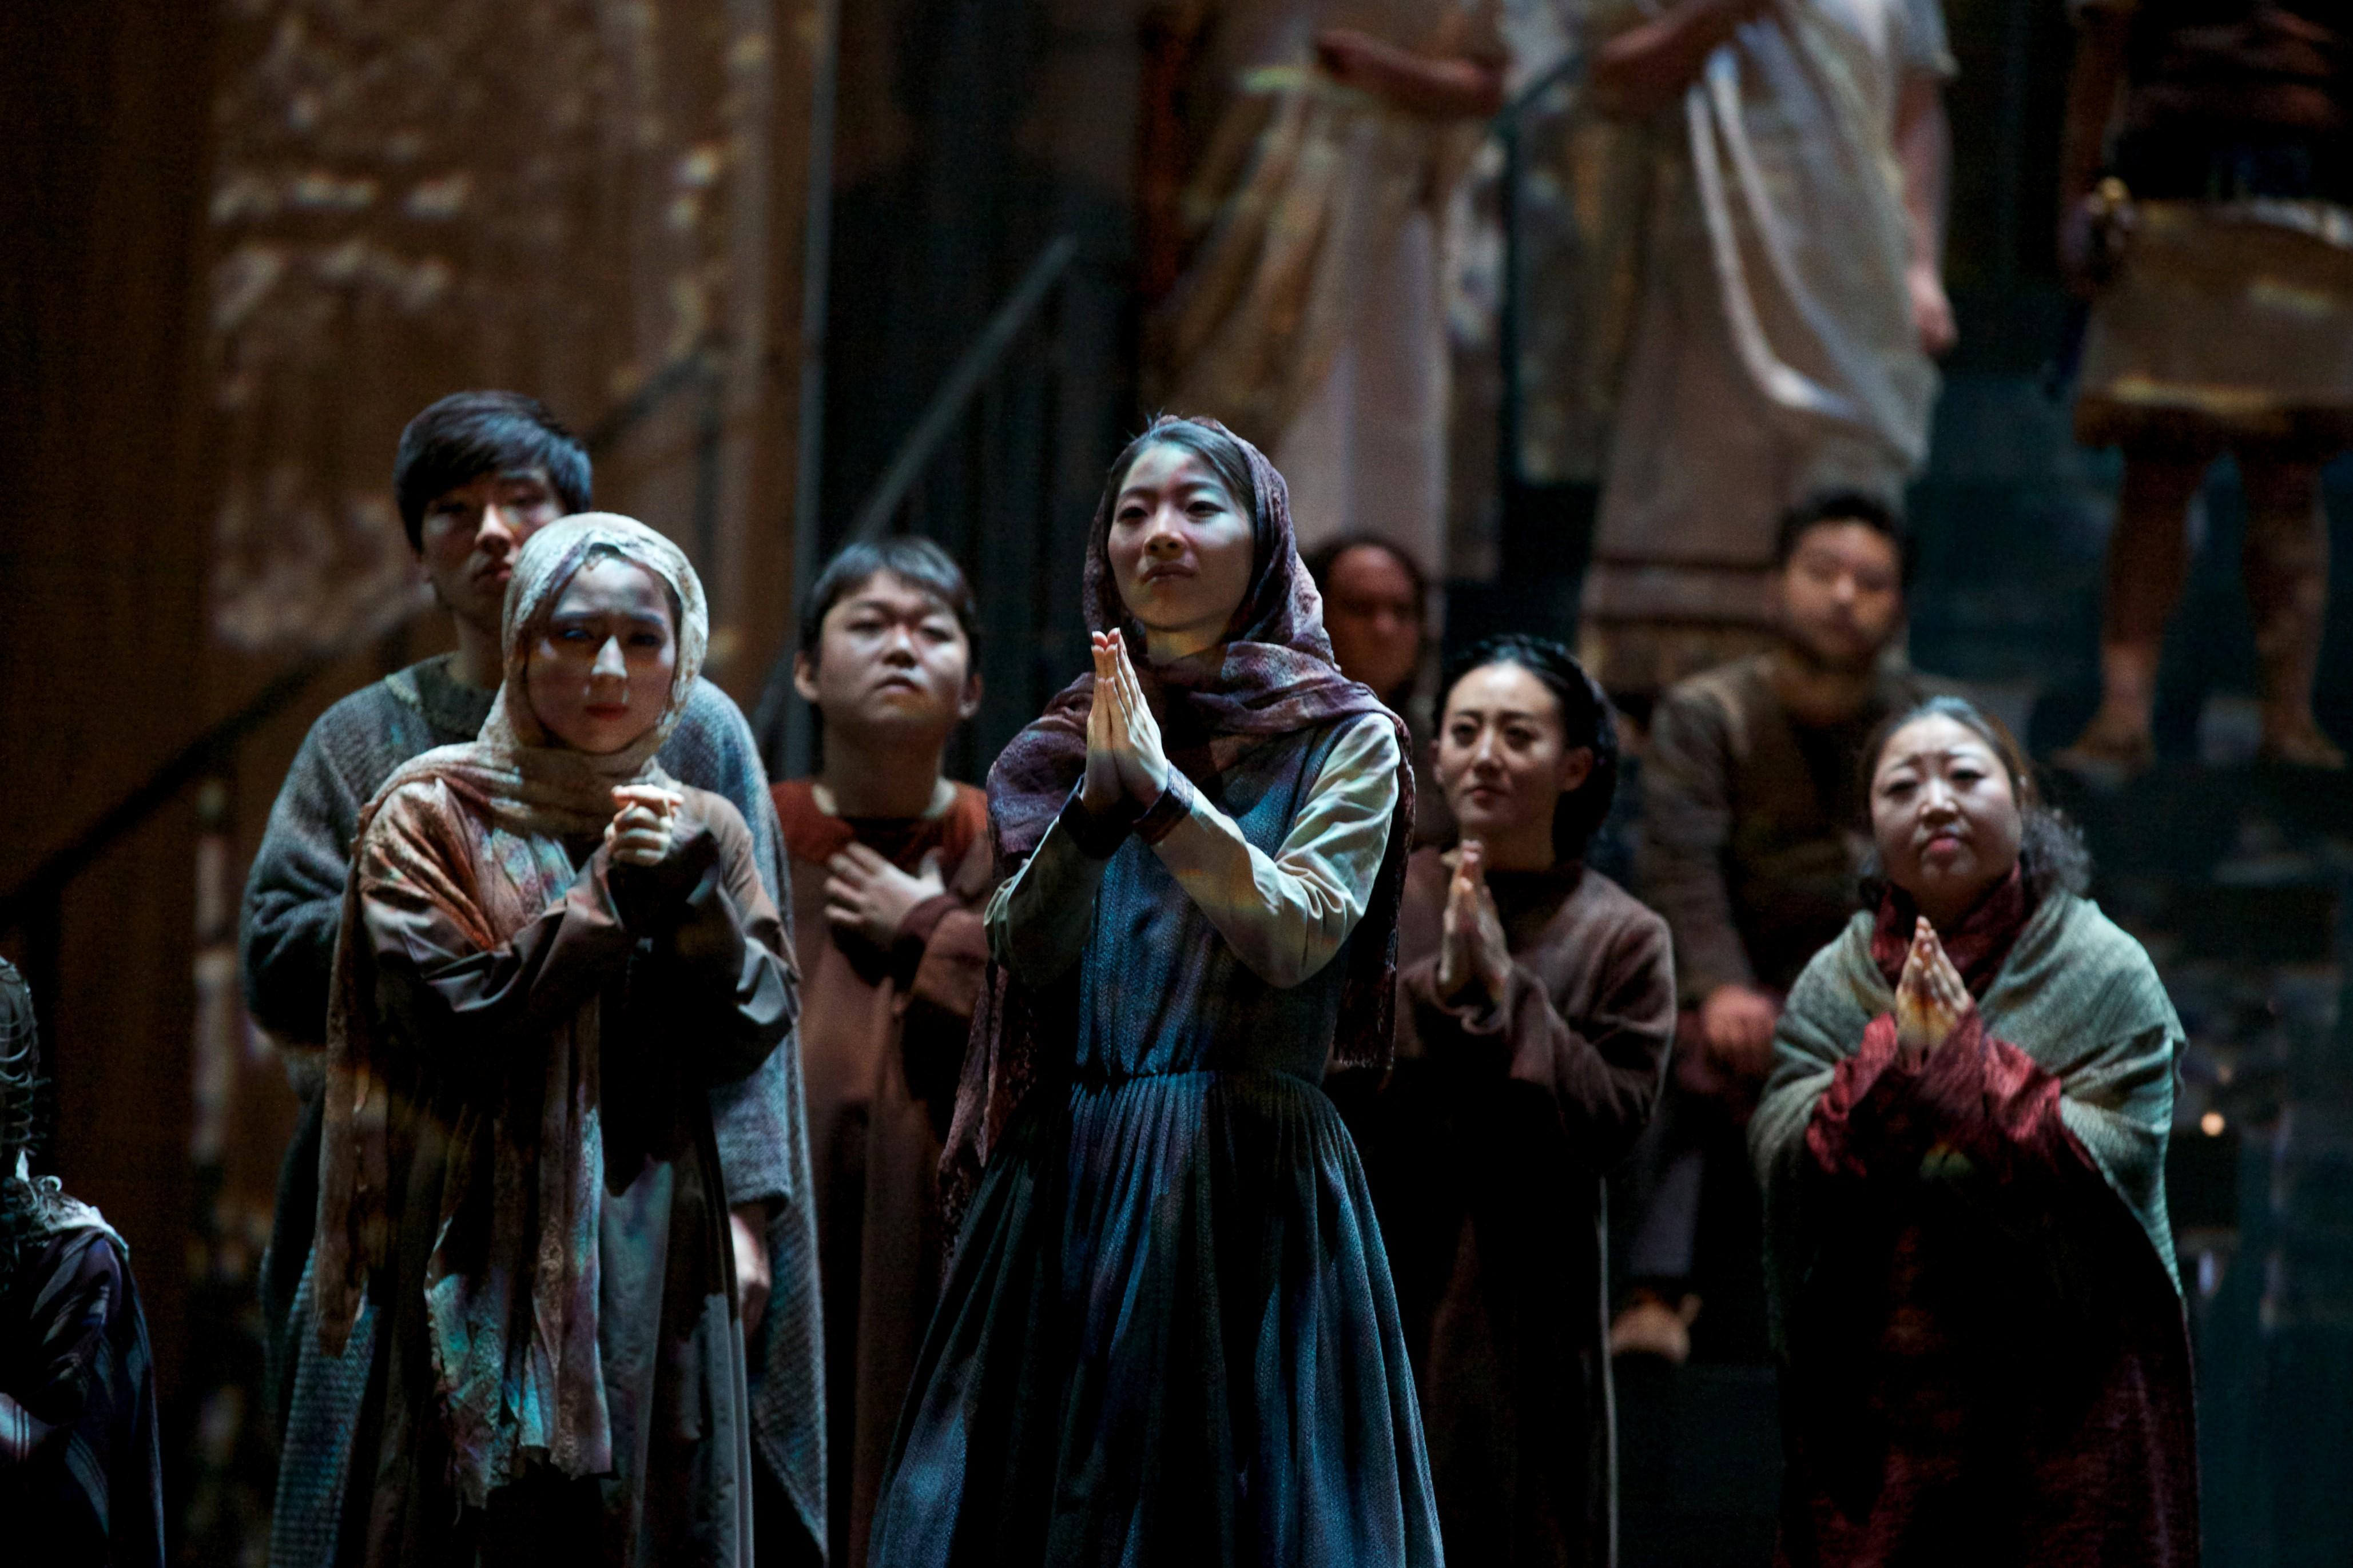 국립오페라단 '나부코' 8월 12일부터 15일까지 국립극장 해오름극장 공연